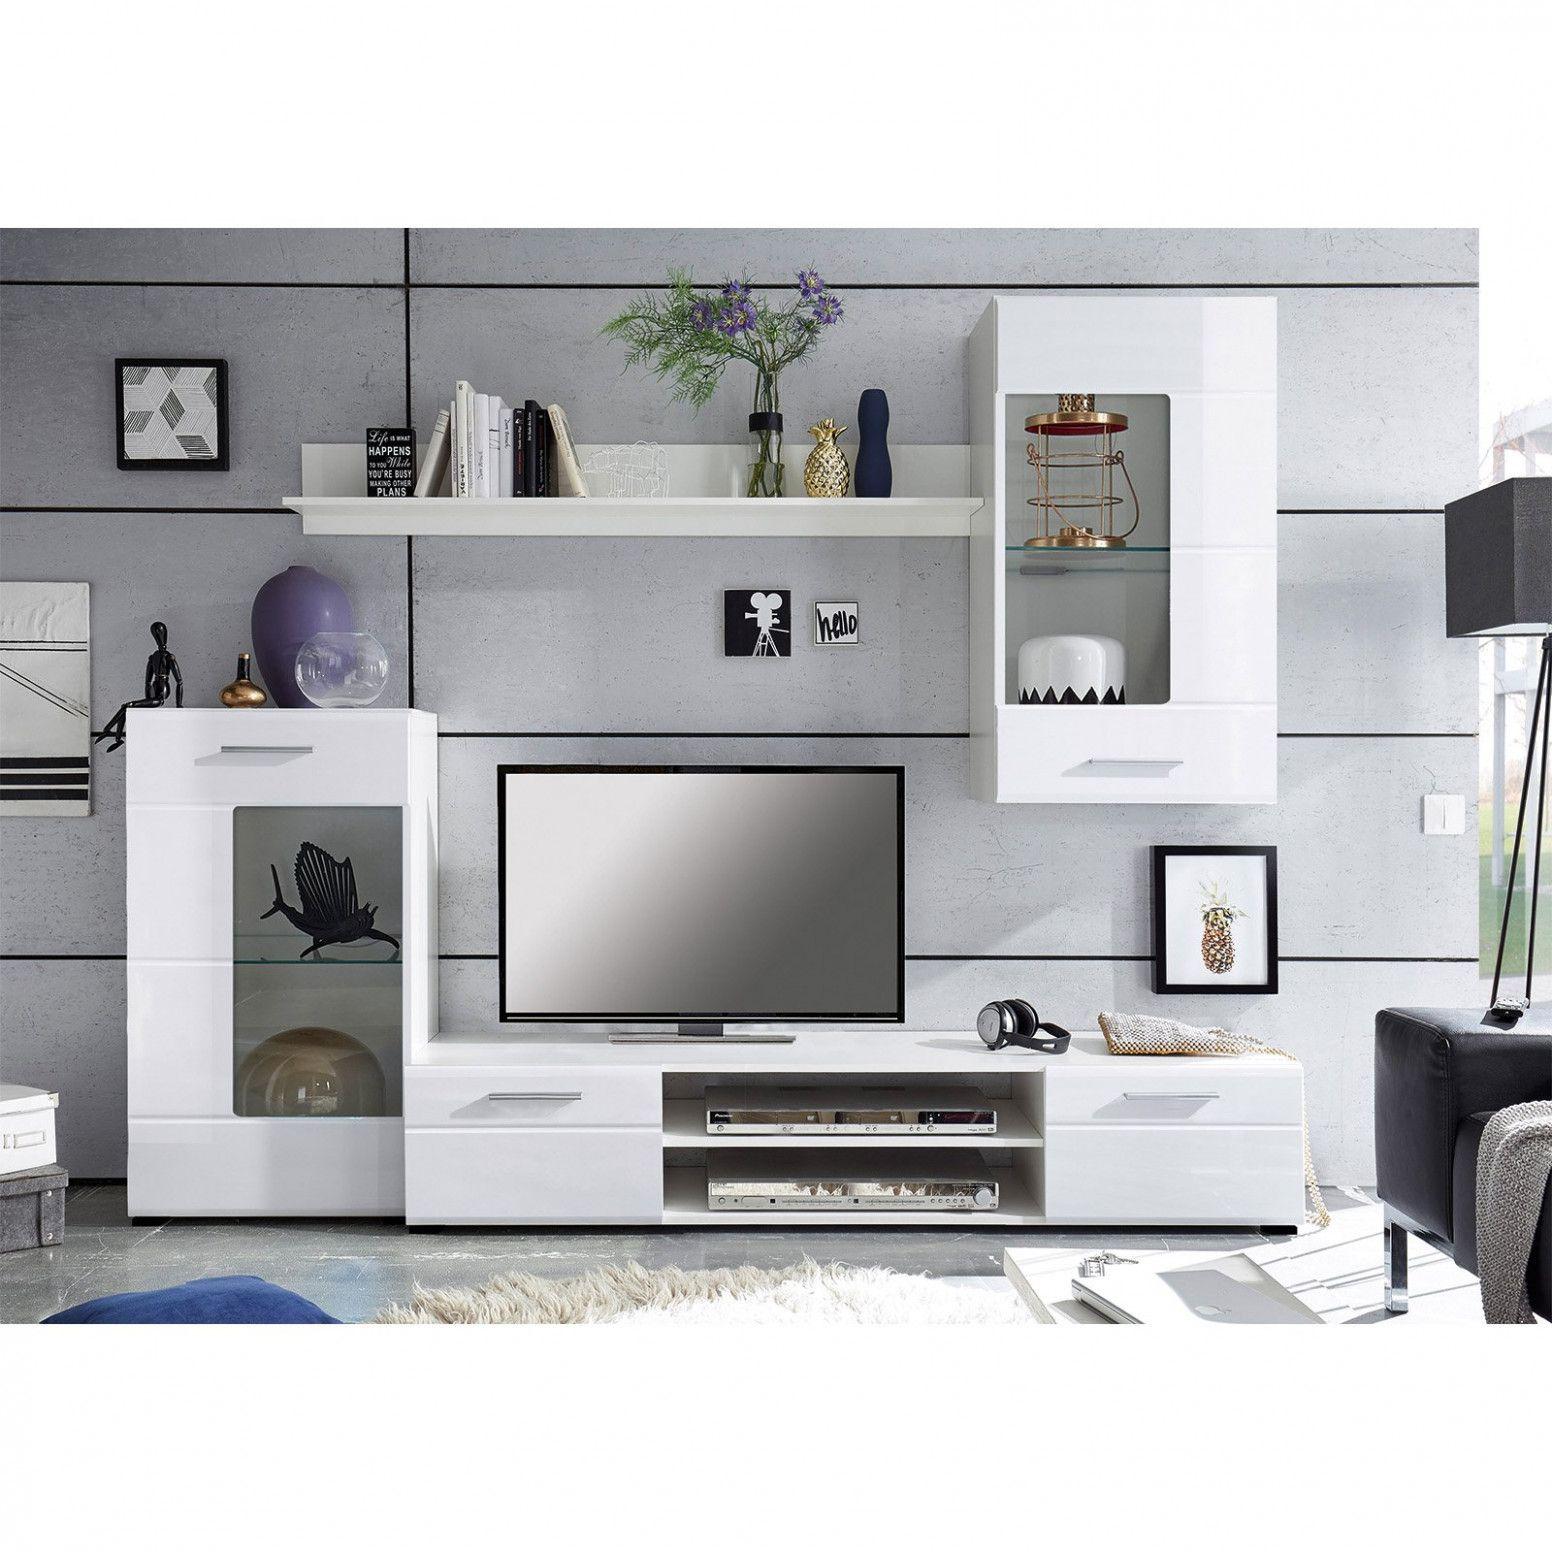 Der Grund Warum Jeder Wohnwand Weiss Hochglanz Roller Liebt In 2020 Wohnwand Weiss Hochglanz Wohnwand Wohnzimmer Design